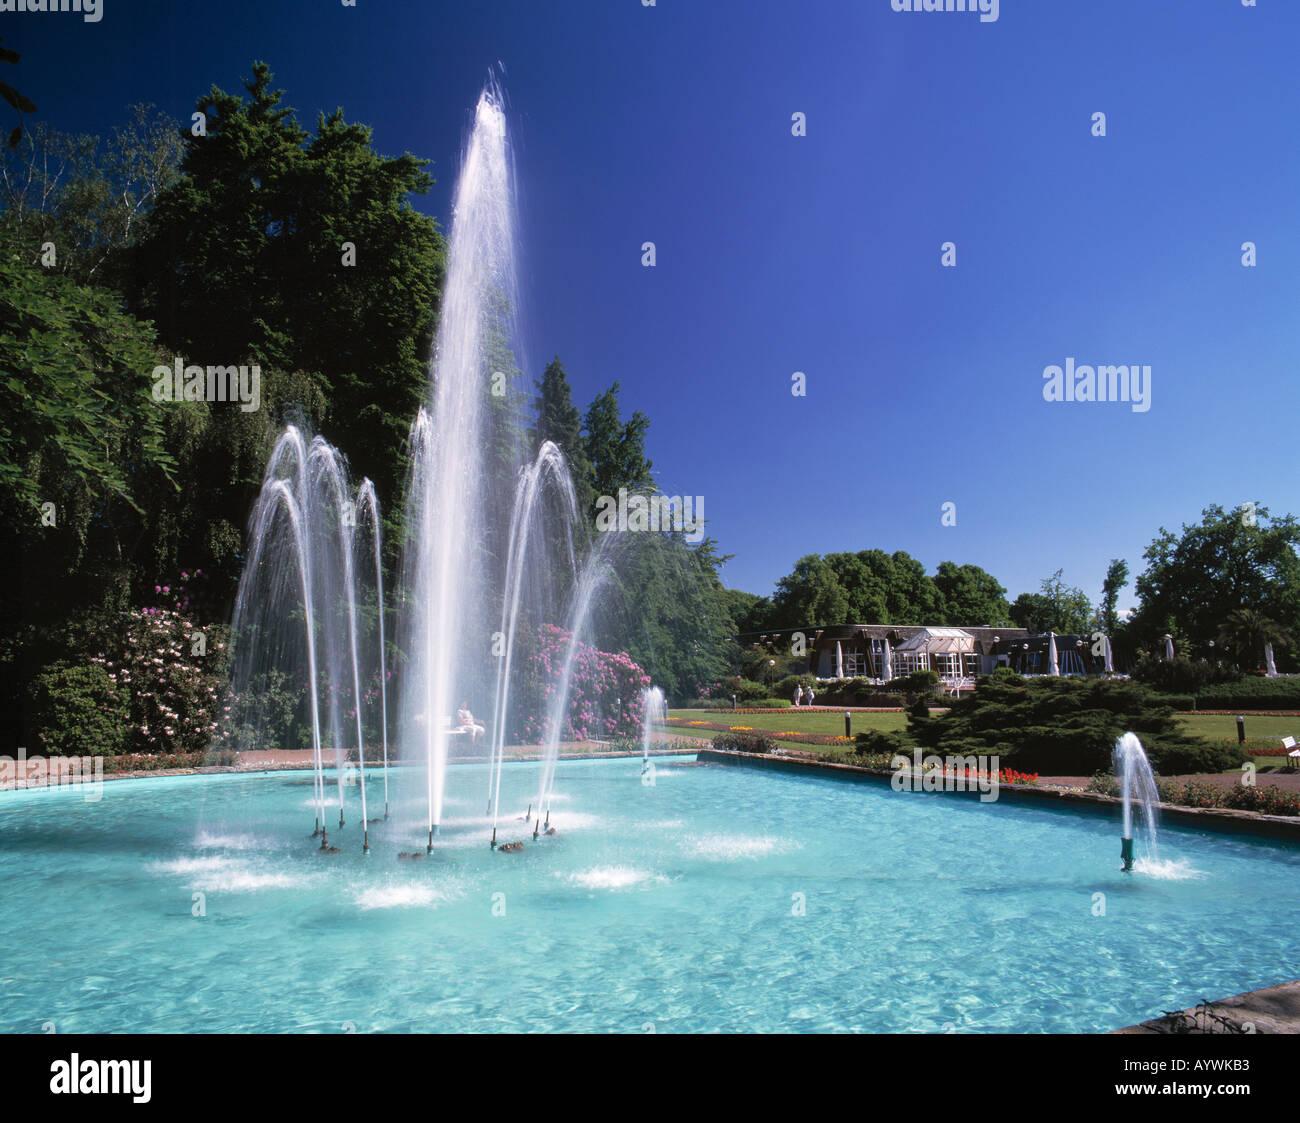 Springbrunnen Garten Fontaene Stock Photos& Springbrunnen Garten Fontaene Stock Images Alamy ~ 28035815_Springbrunnen Garten Gebraucht